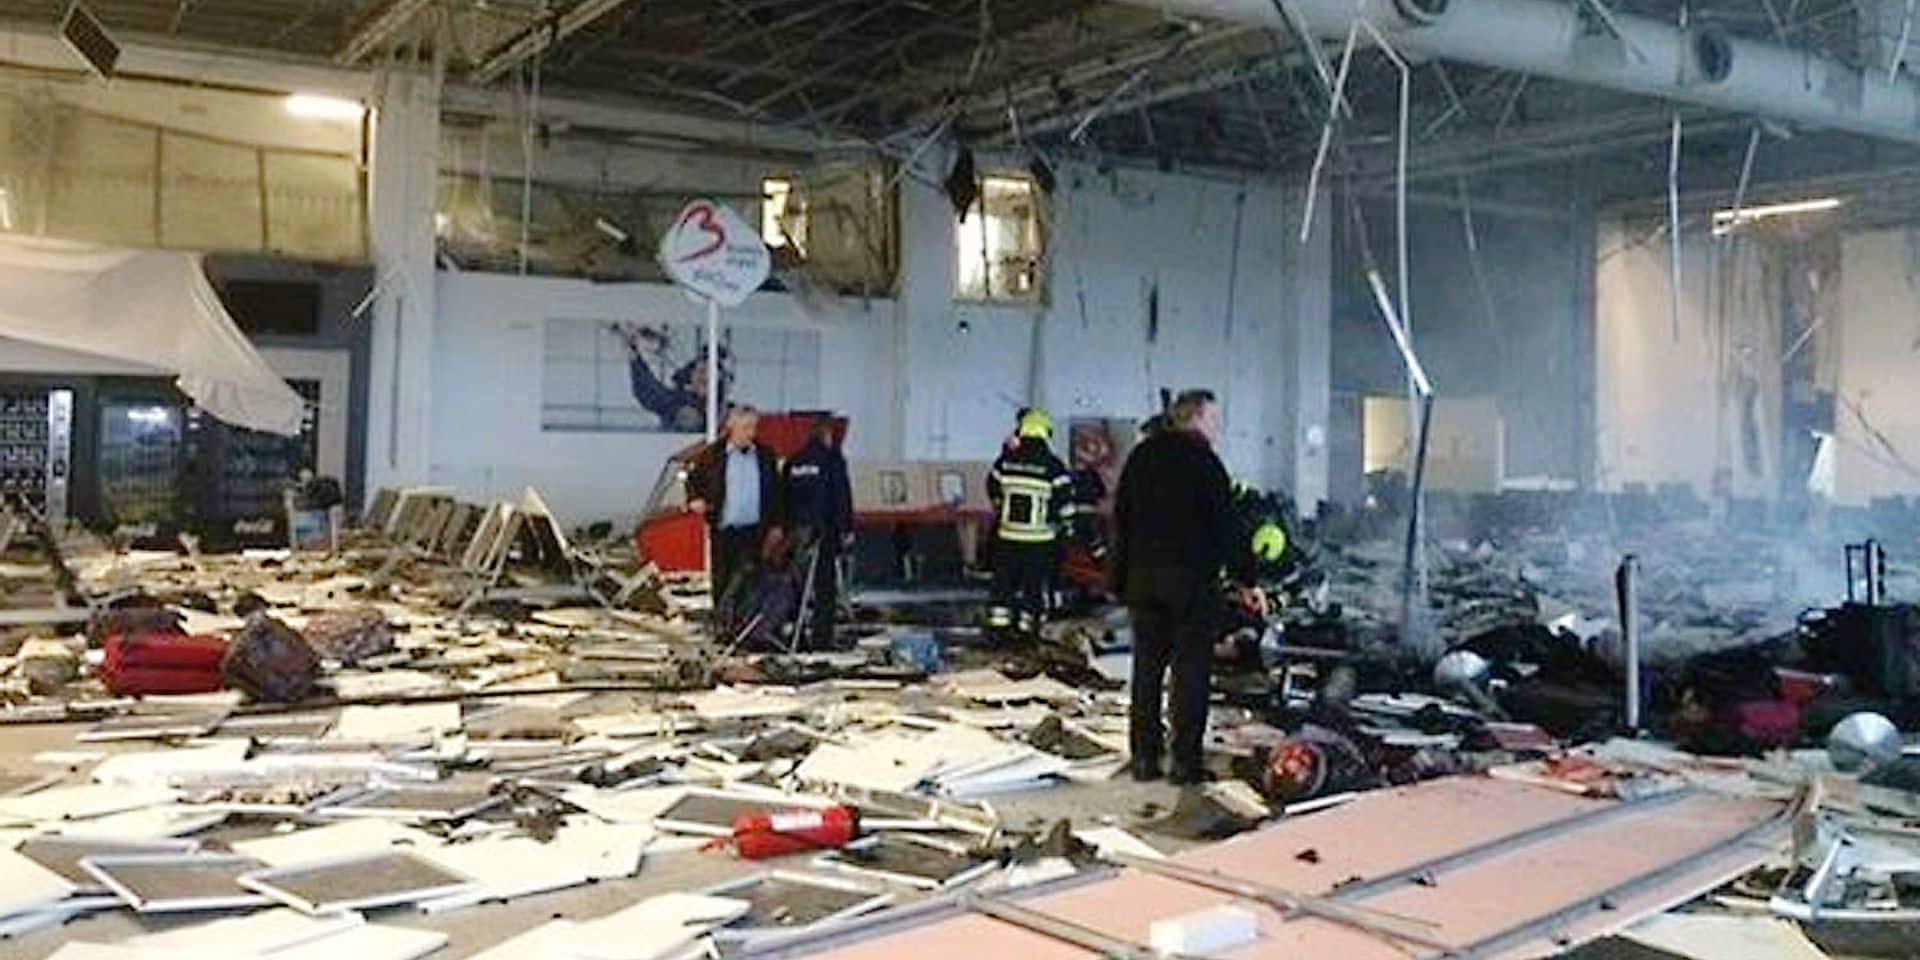 Attentats de 2016 à Bruxelles: Abdeslam et neuf autres inculpés renvoyés aux assises